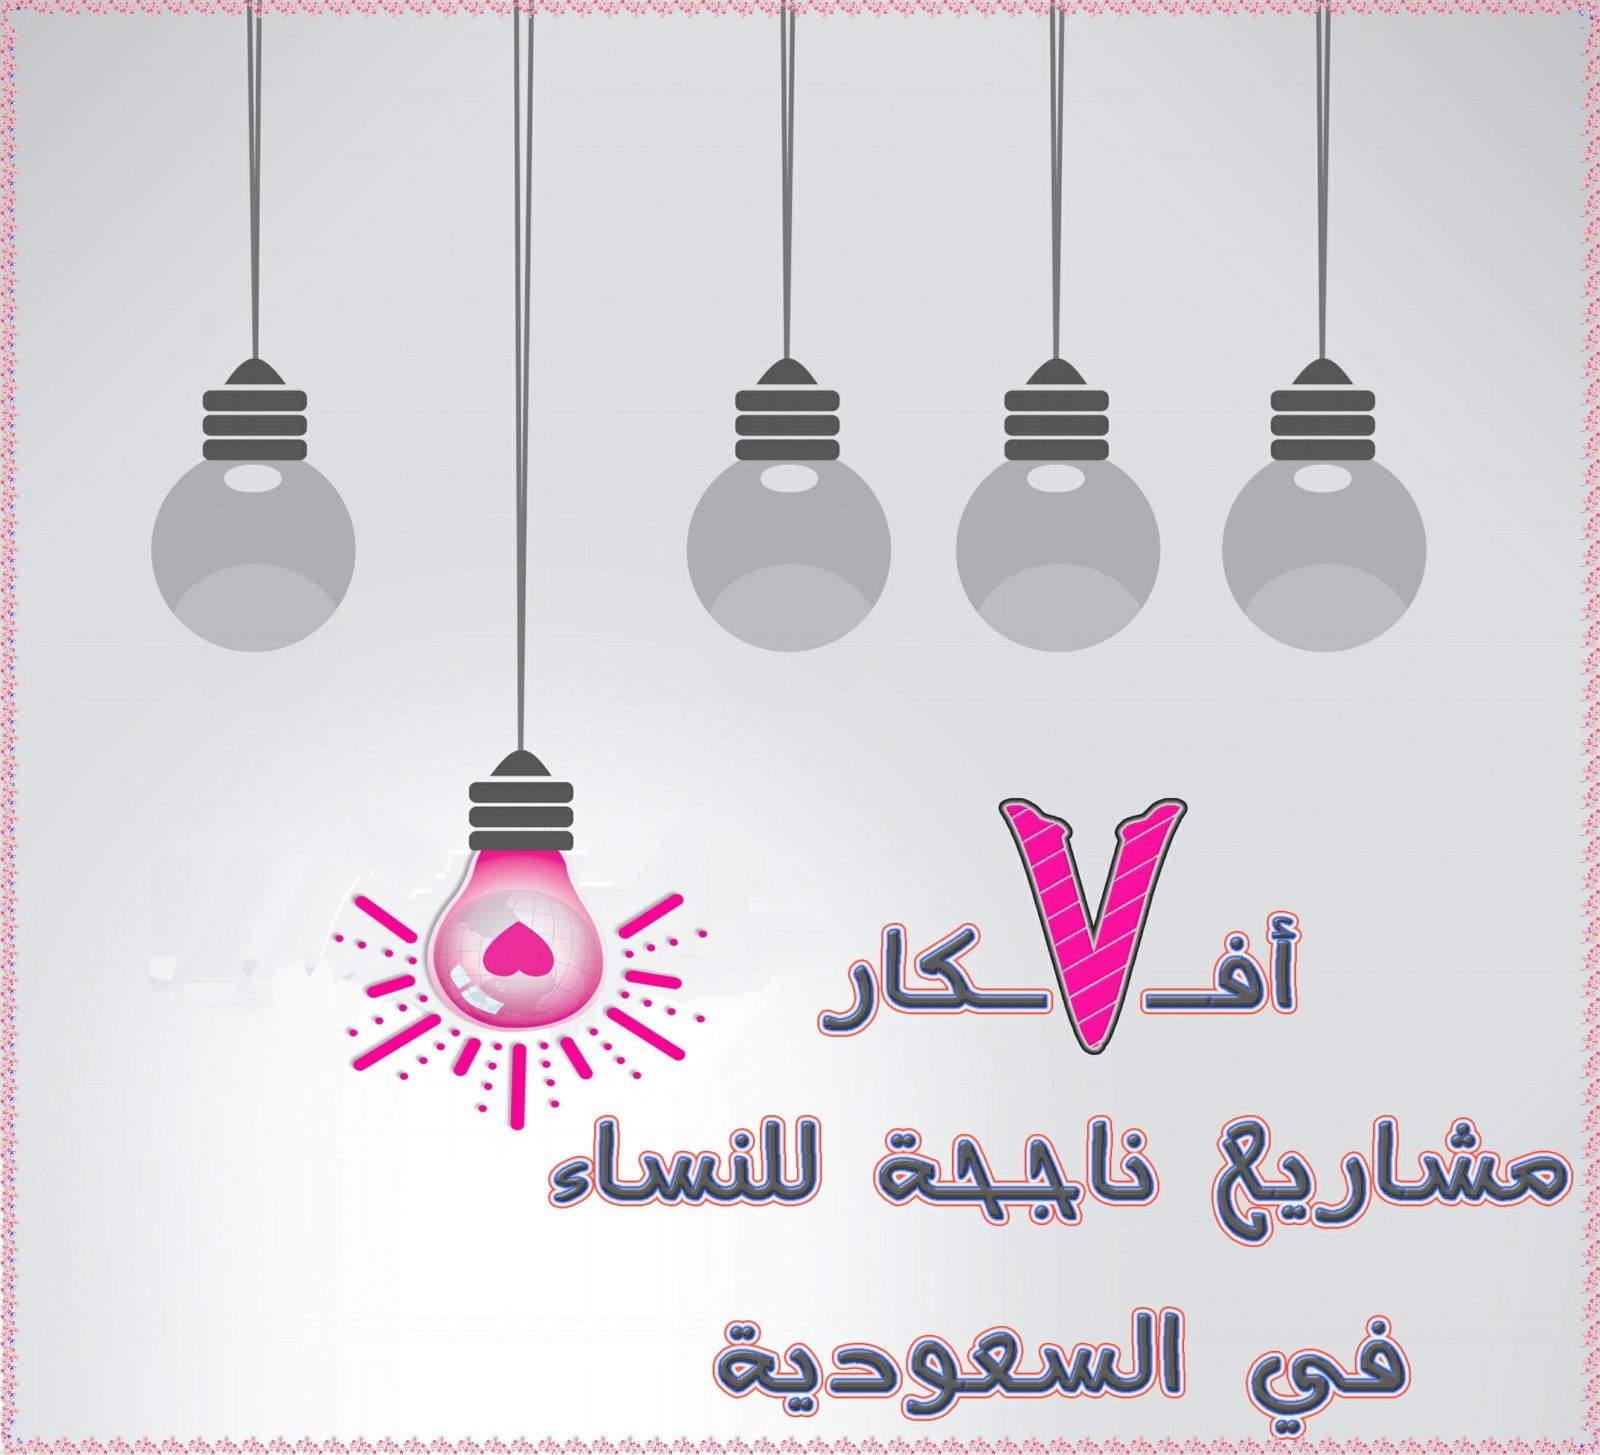 7 أفكار مشاريع ناجحة للنساء في السعودية بالتفاصيل والتوصيات Home Decor Decals Decor Home Decor